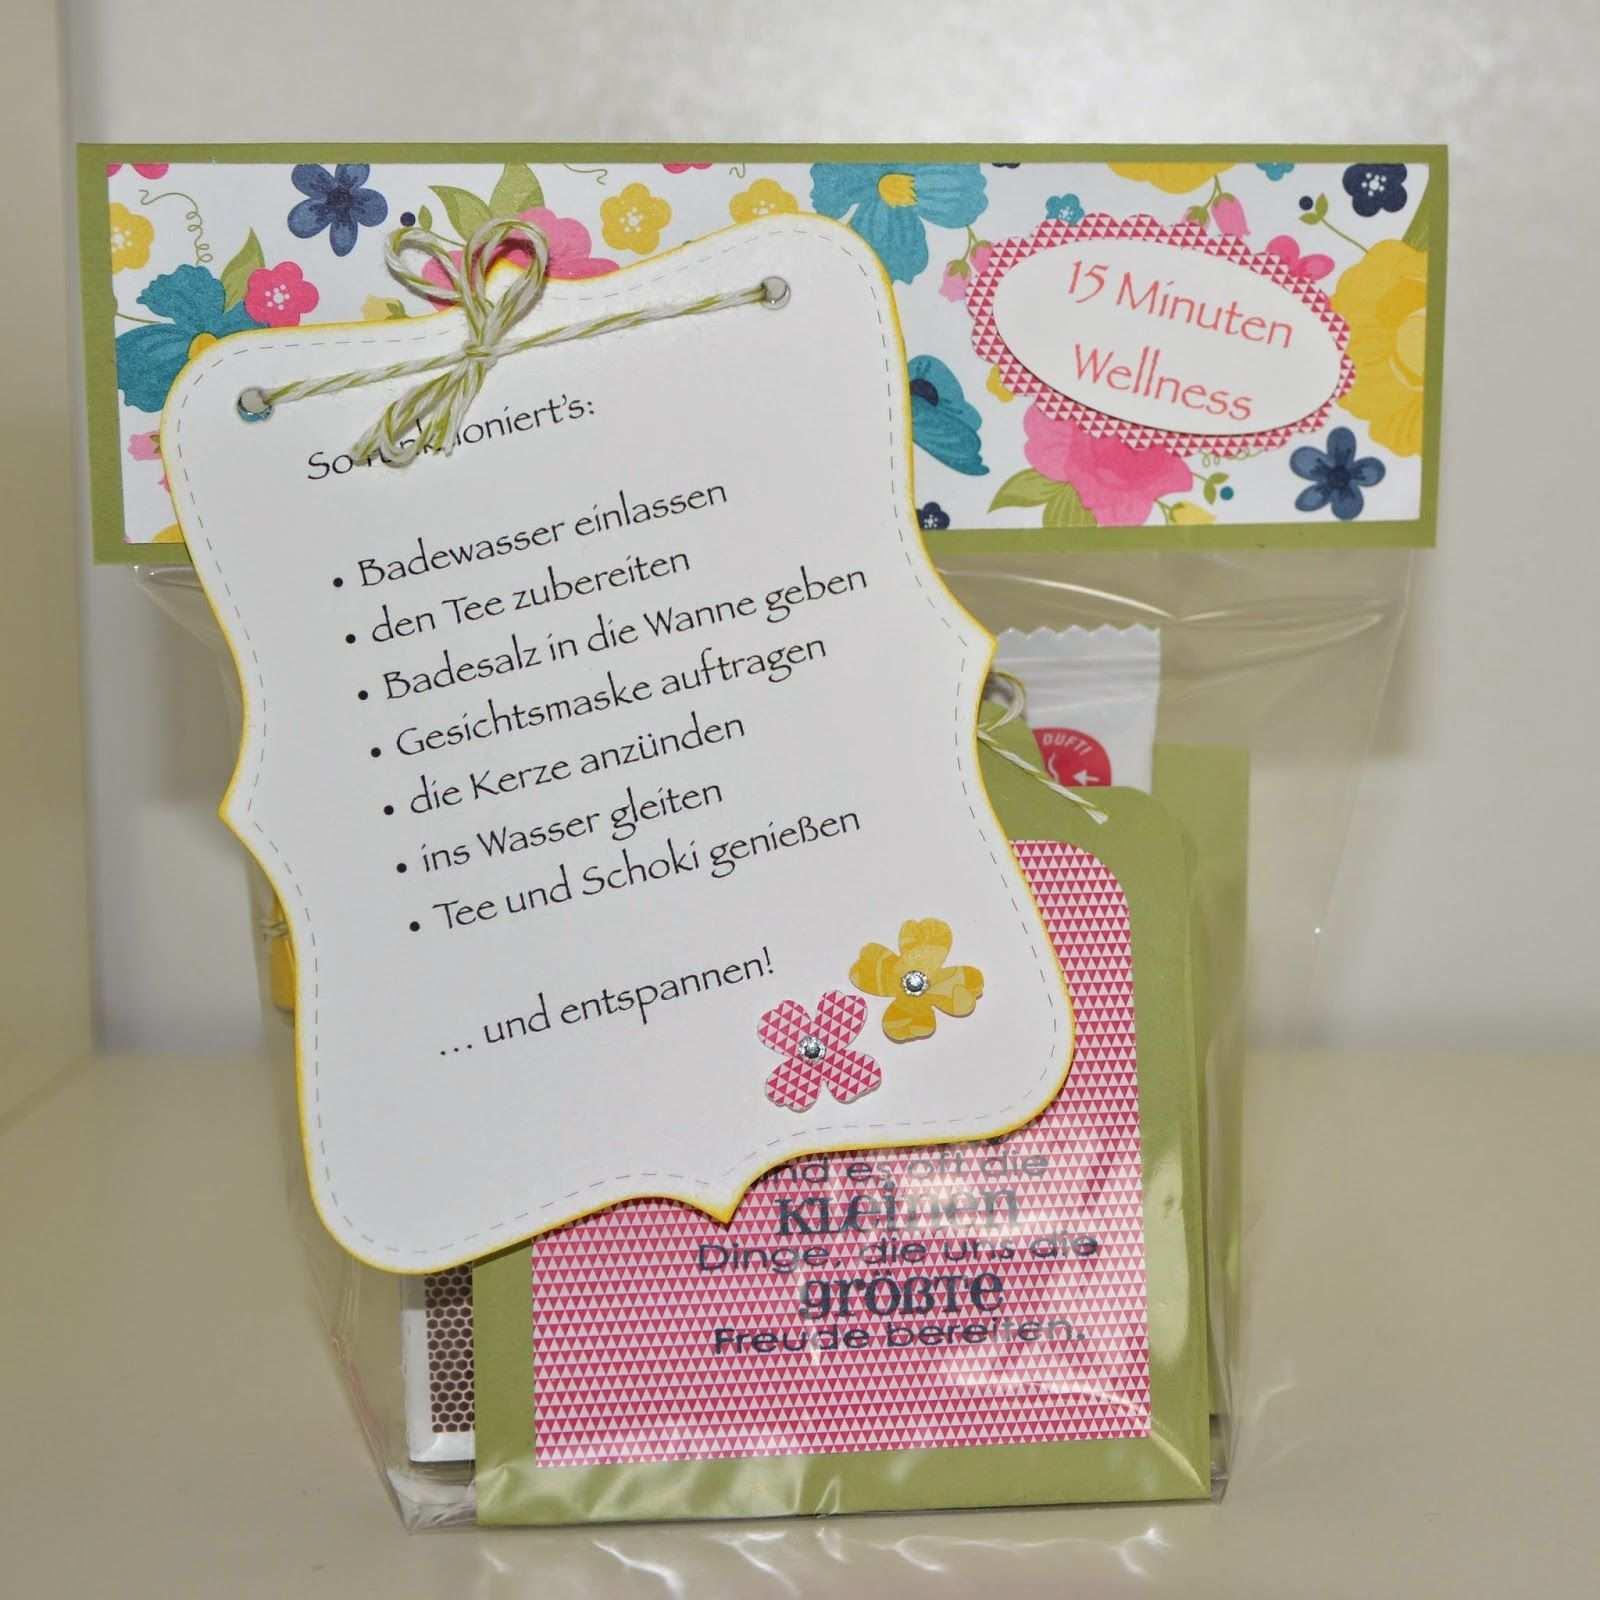 Stempelsee 15 Minuten Wellness Aus Der Tute Geschenke Basteln Kleine Geschenke Selbermachen Geschenke